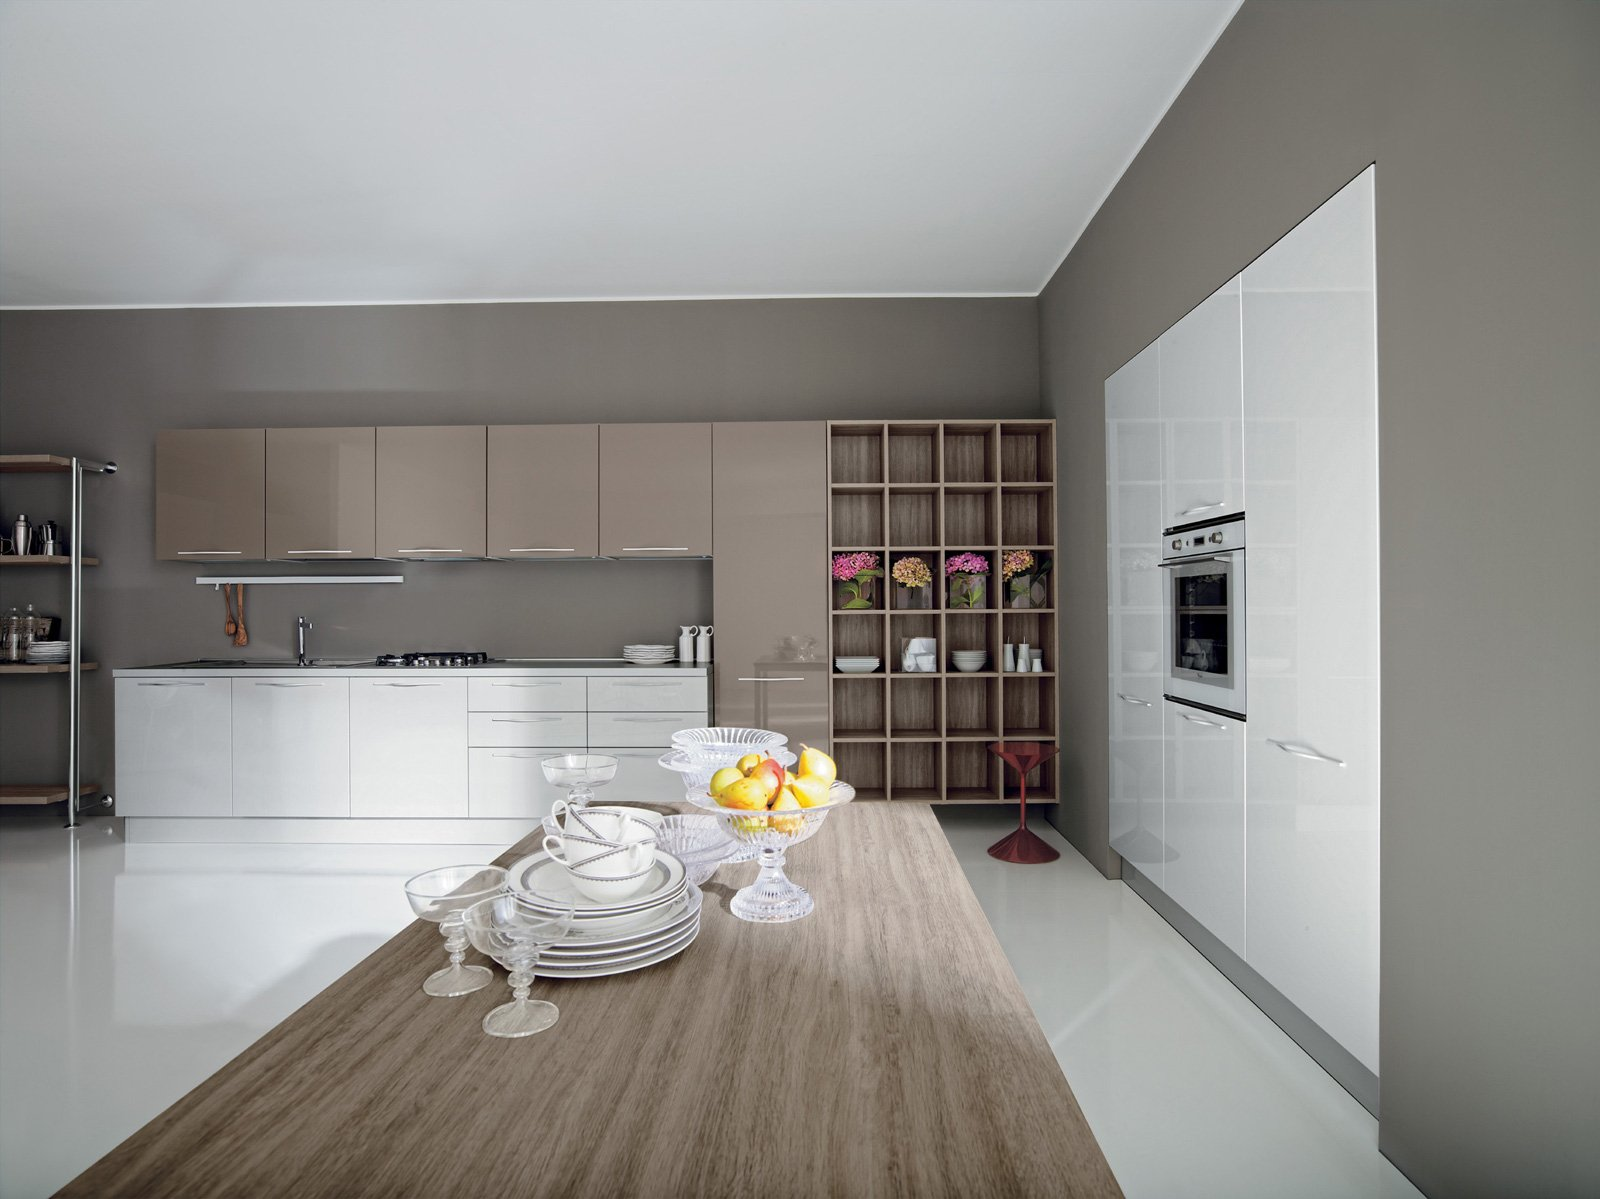 Cucine-living con vani a giorno - Cose di Casa